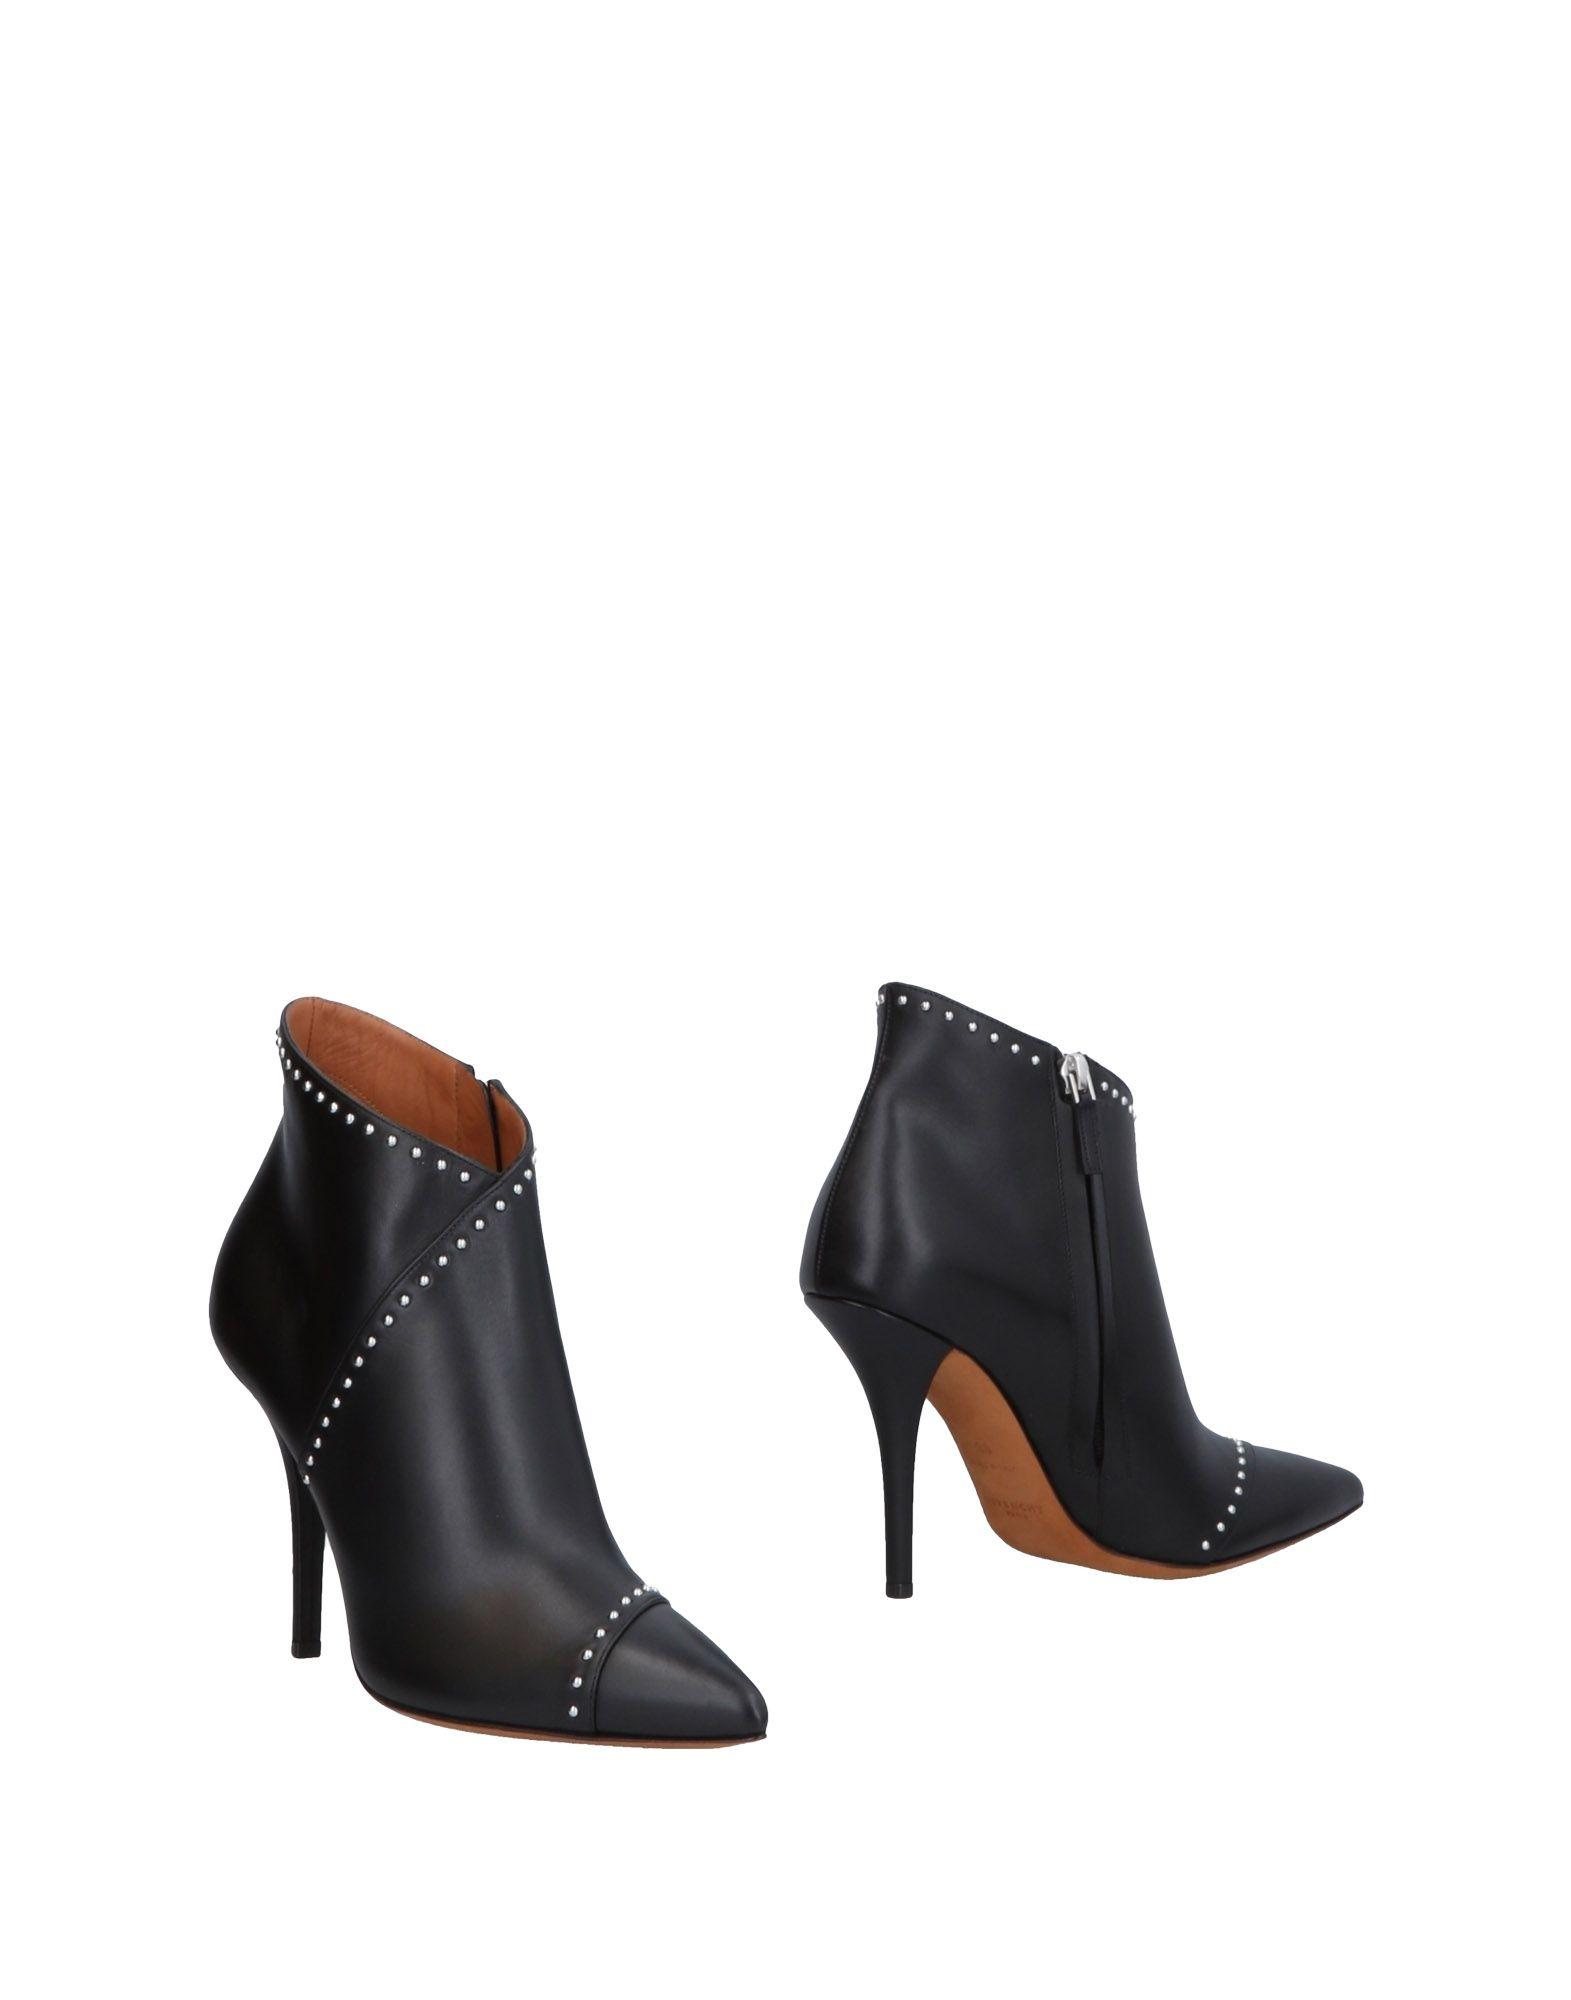 Stivaletti Givenchy Donna - 11464694WA Scarpe economiche e buone